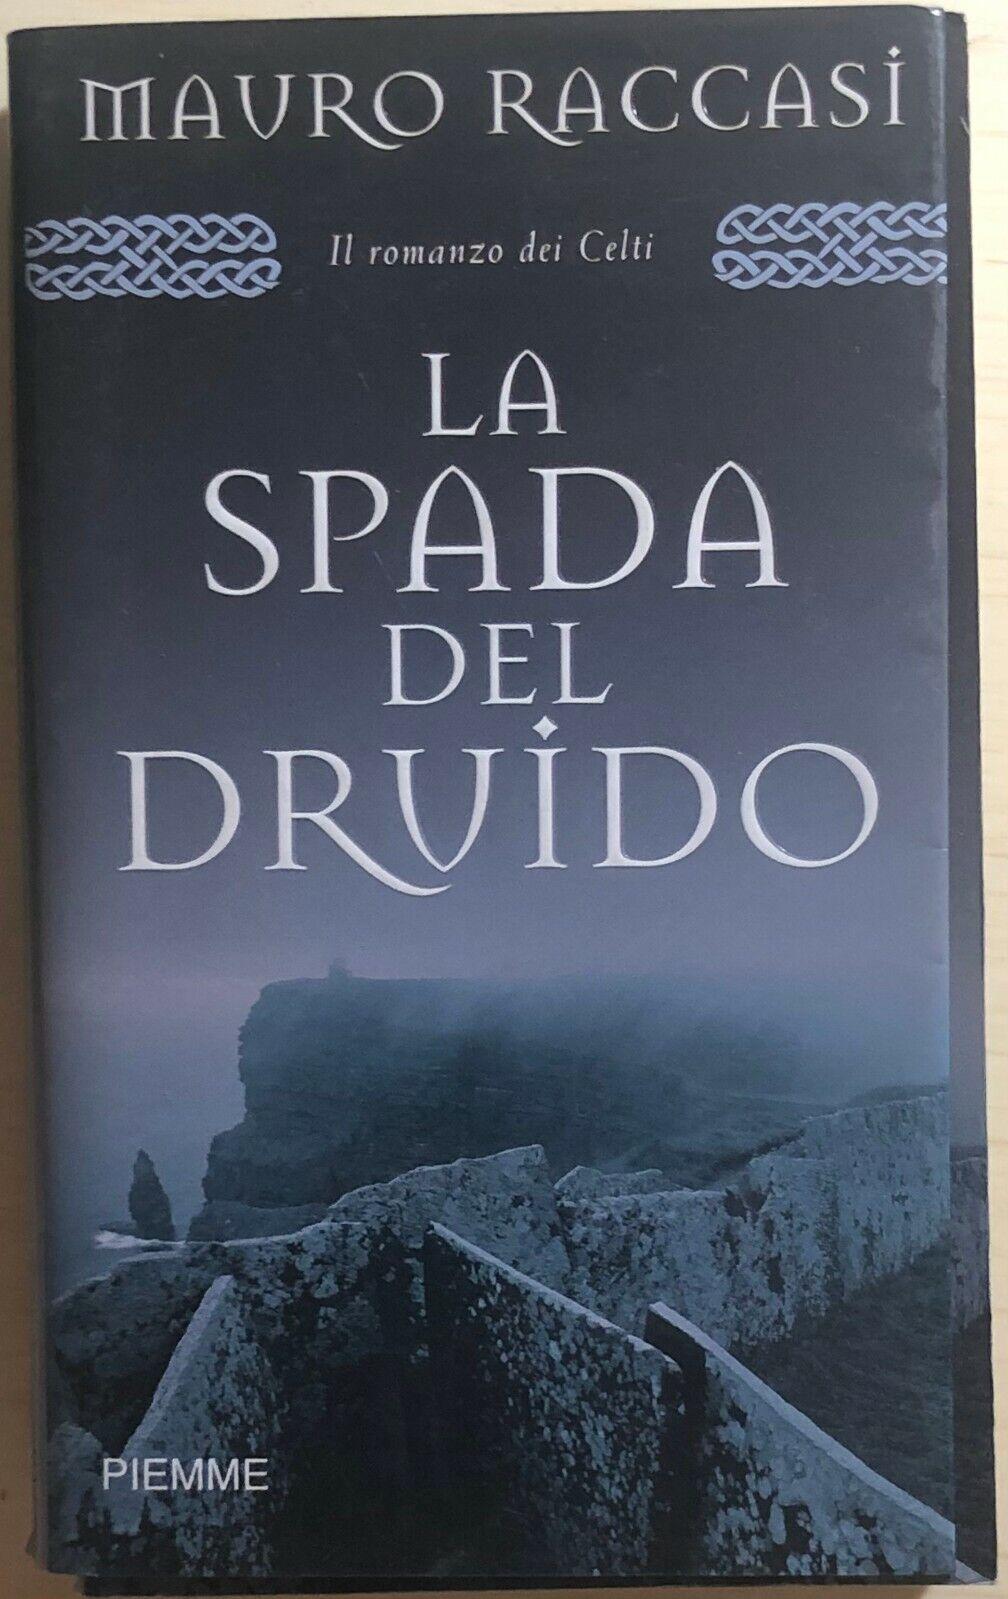 La spada del druido di Mauro Raccasi, 2005, Piemme